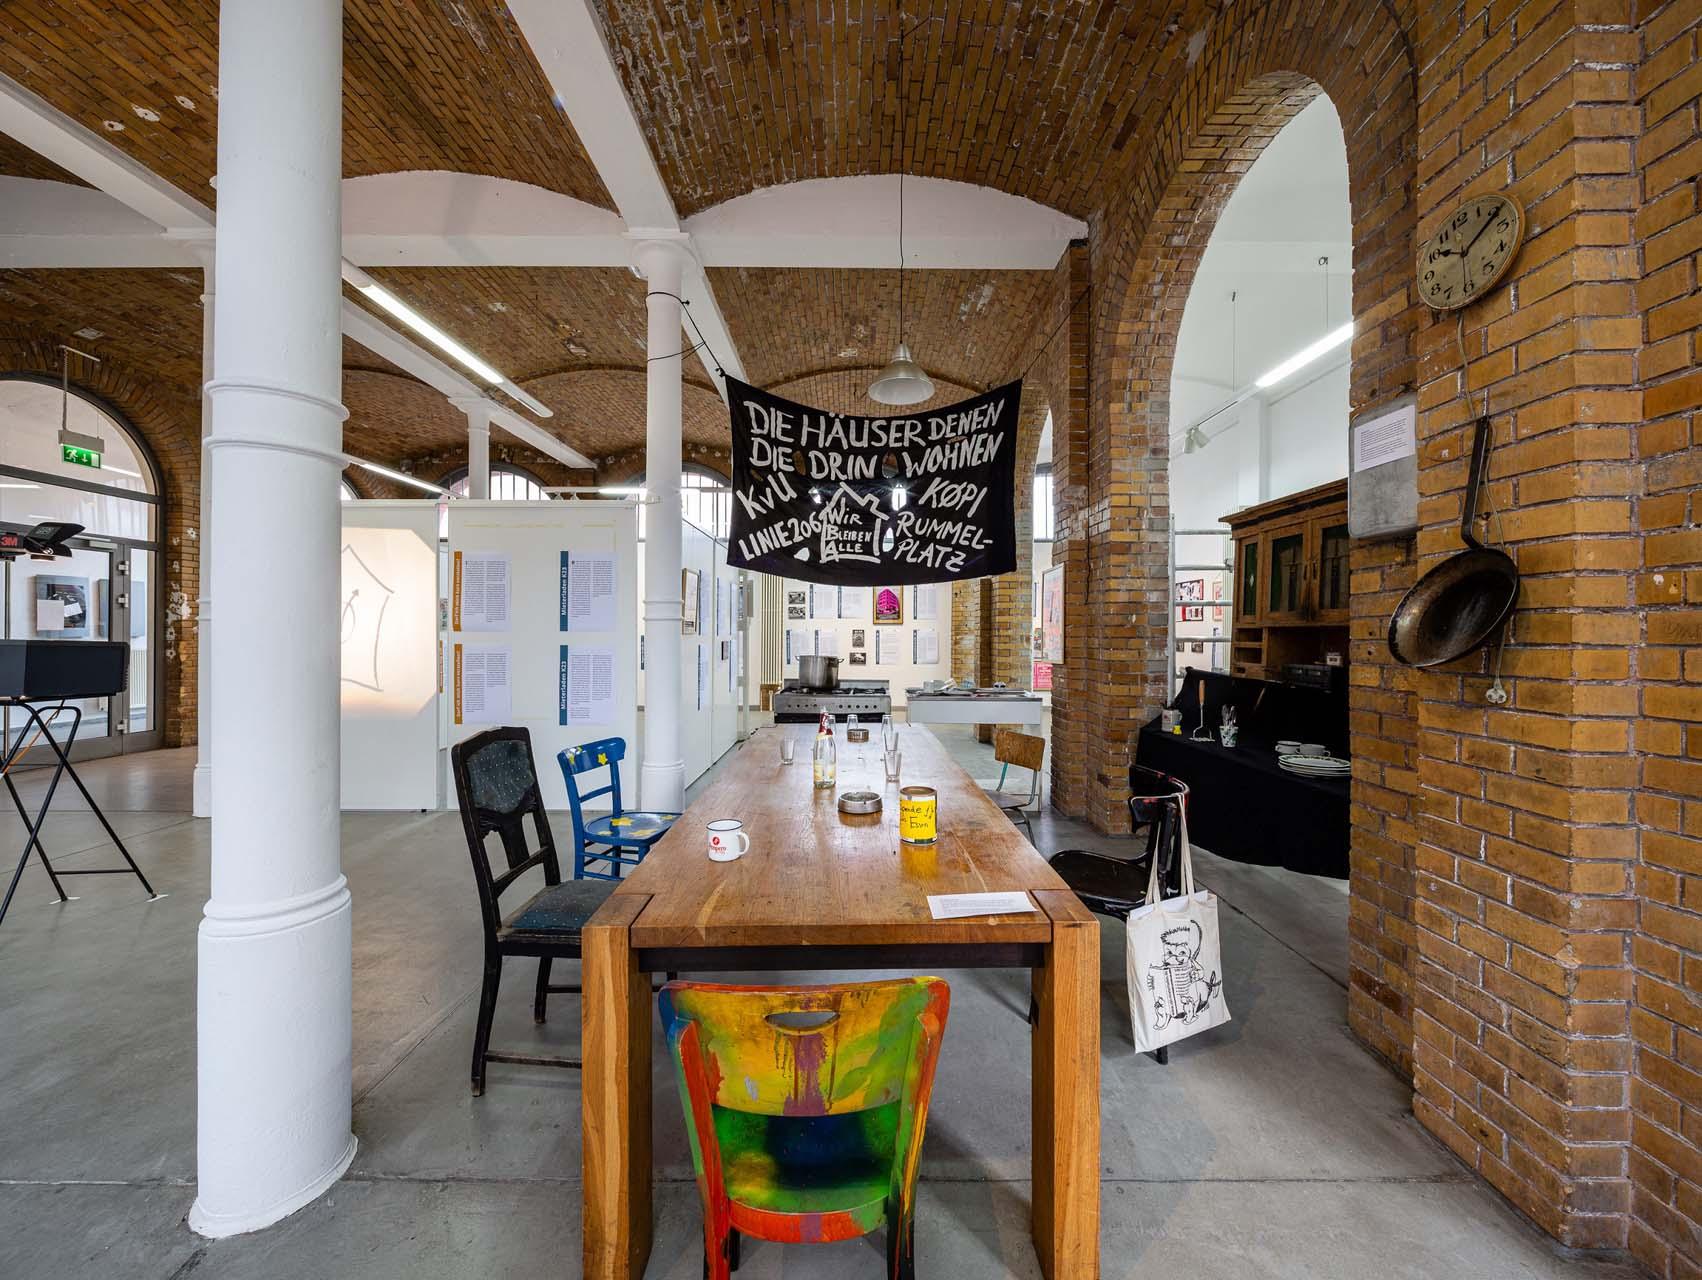 """Der Tisch in der Küche ist ein zentraler Ort des Zusammenlebens. In der Installation der Ausstellung """"Häuser besetzen sowieso"""" nimmt er daher auch den wichtigsten Platz ein. Foto: Giovanni Lo Curto"""